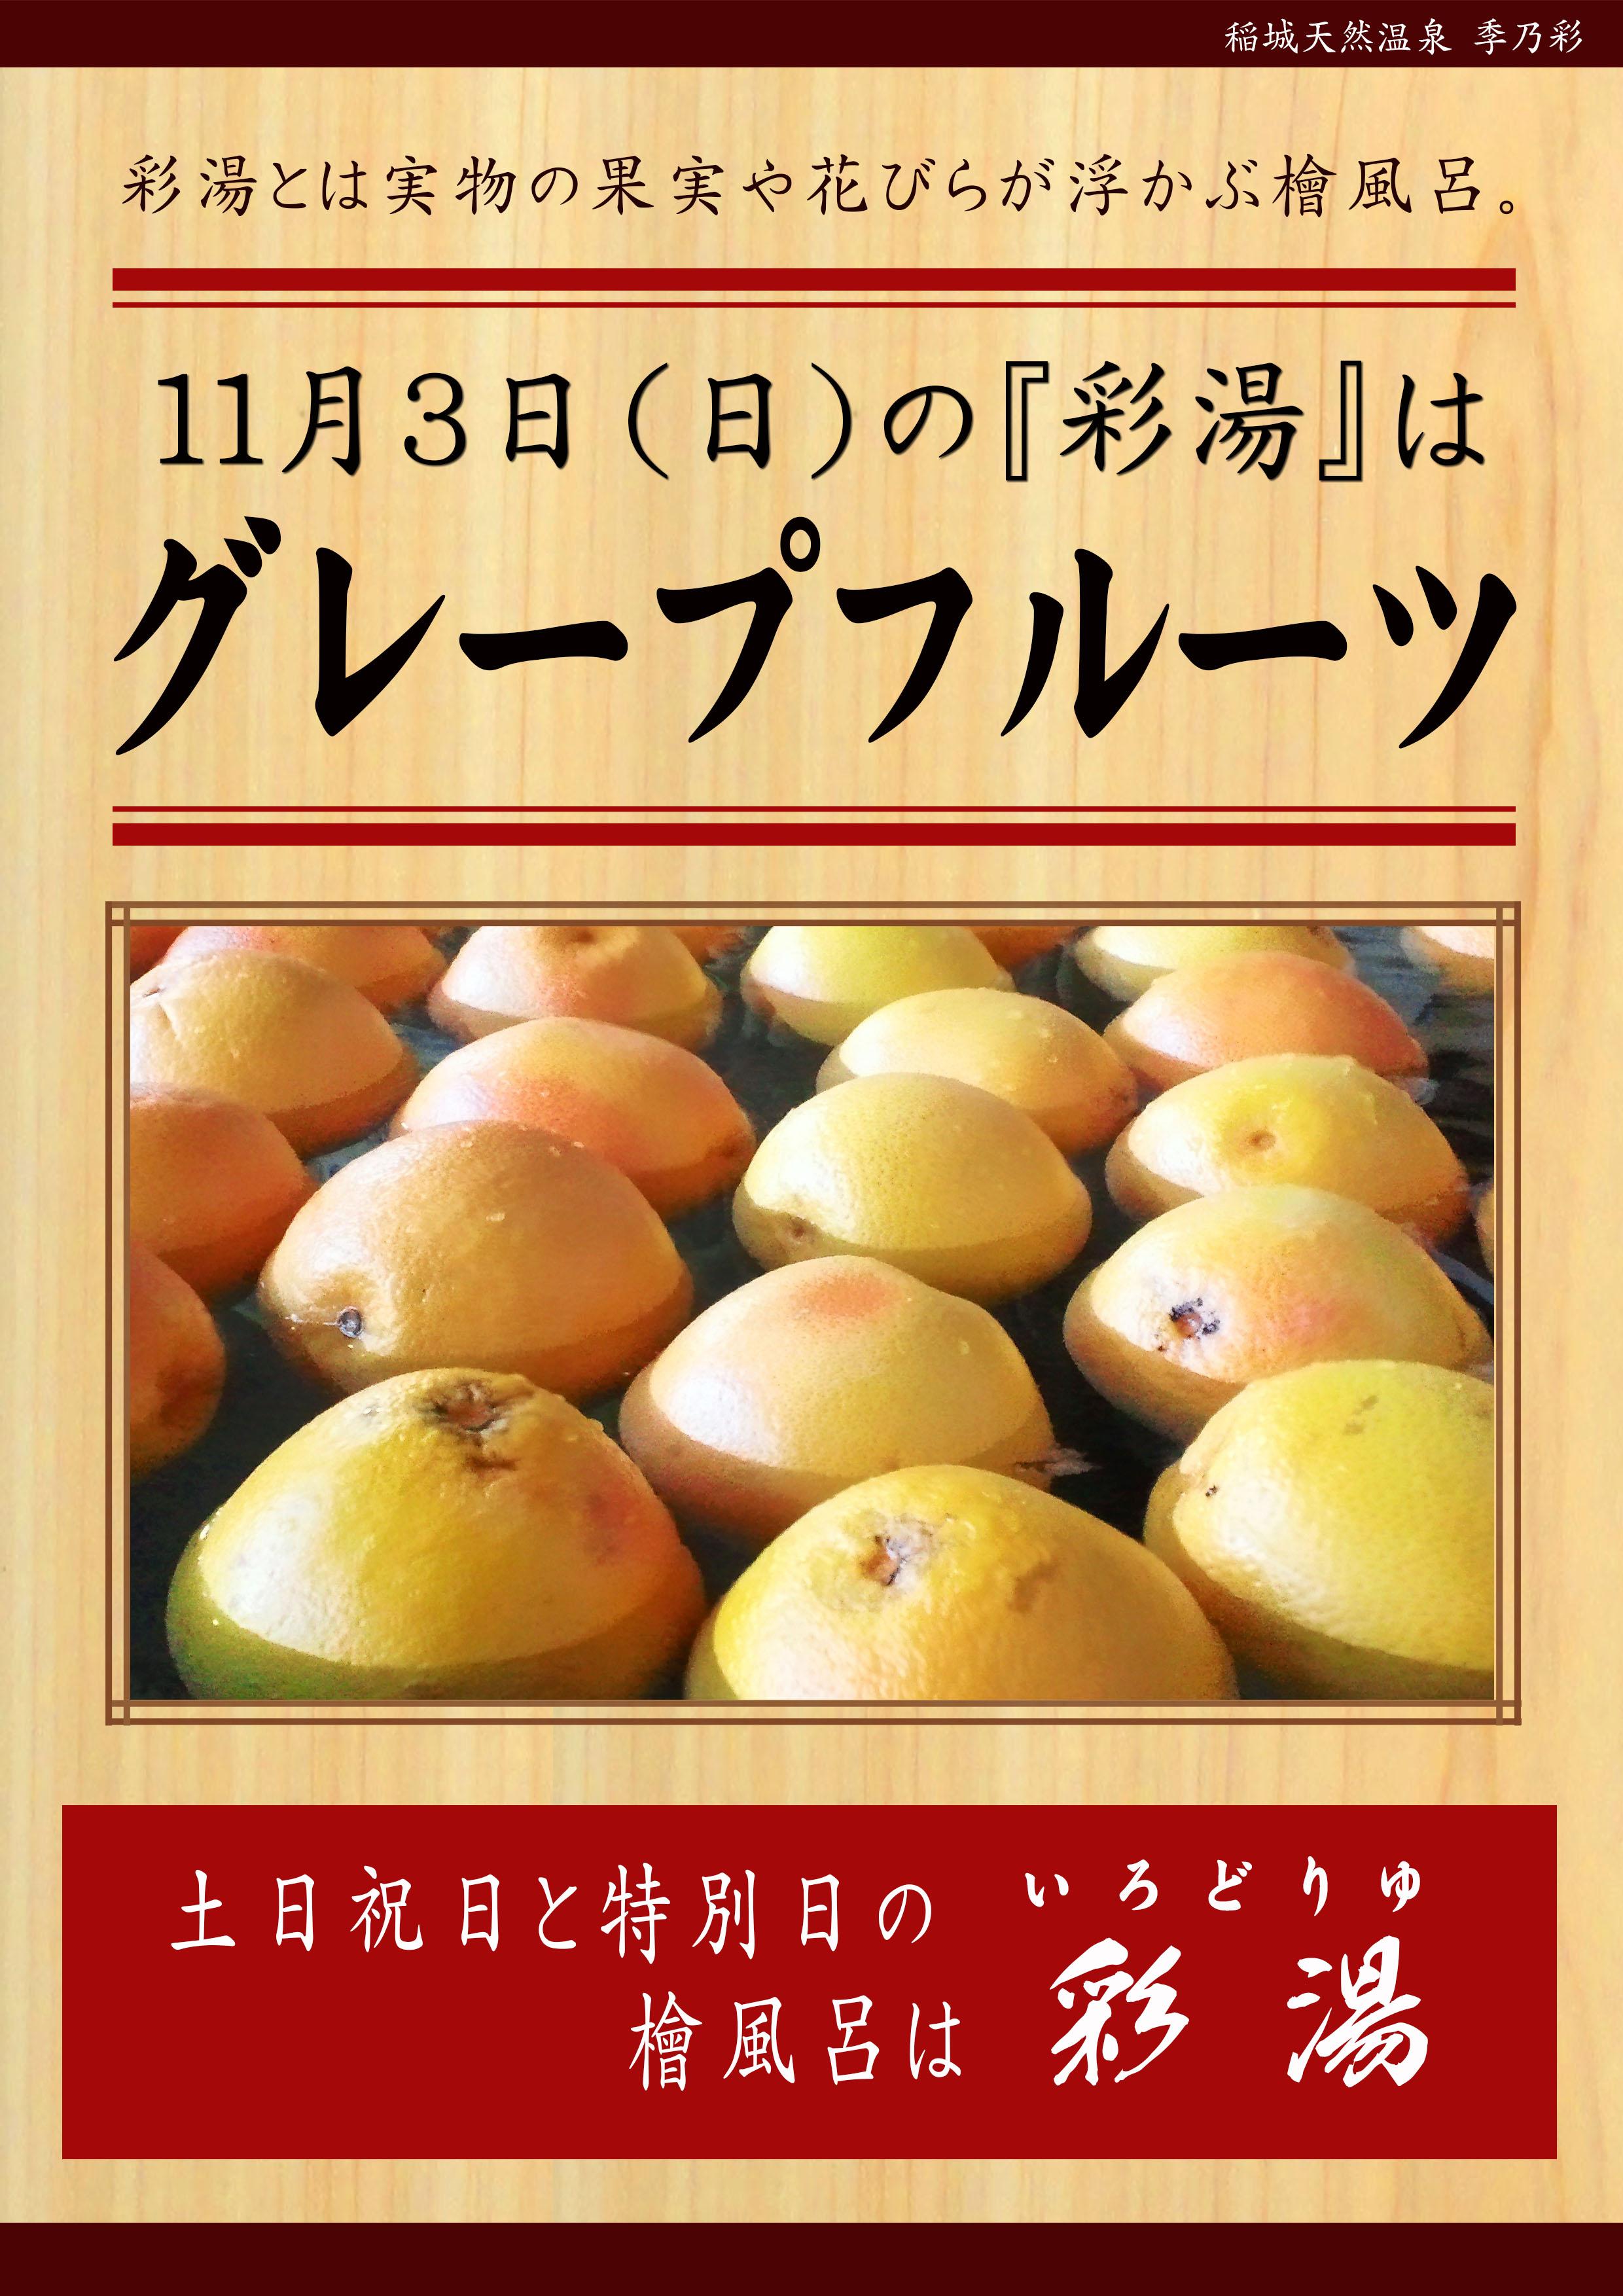 20191103 POP イベント 彩湯 グレープフルーツ